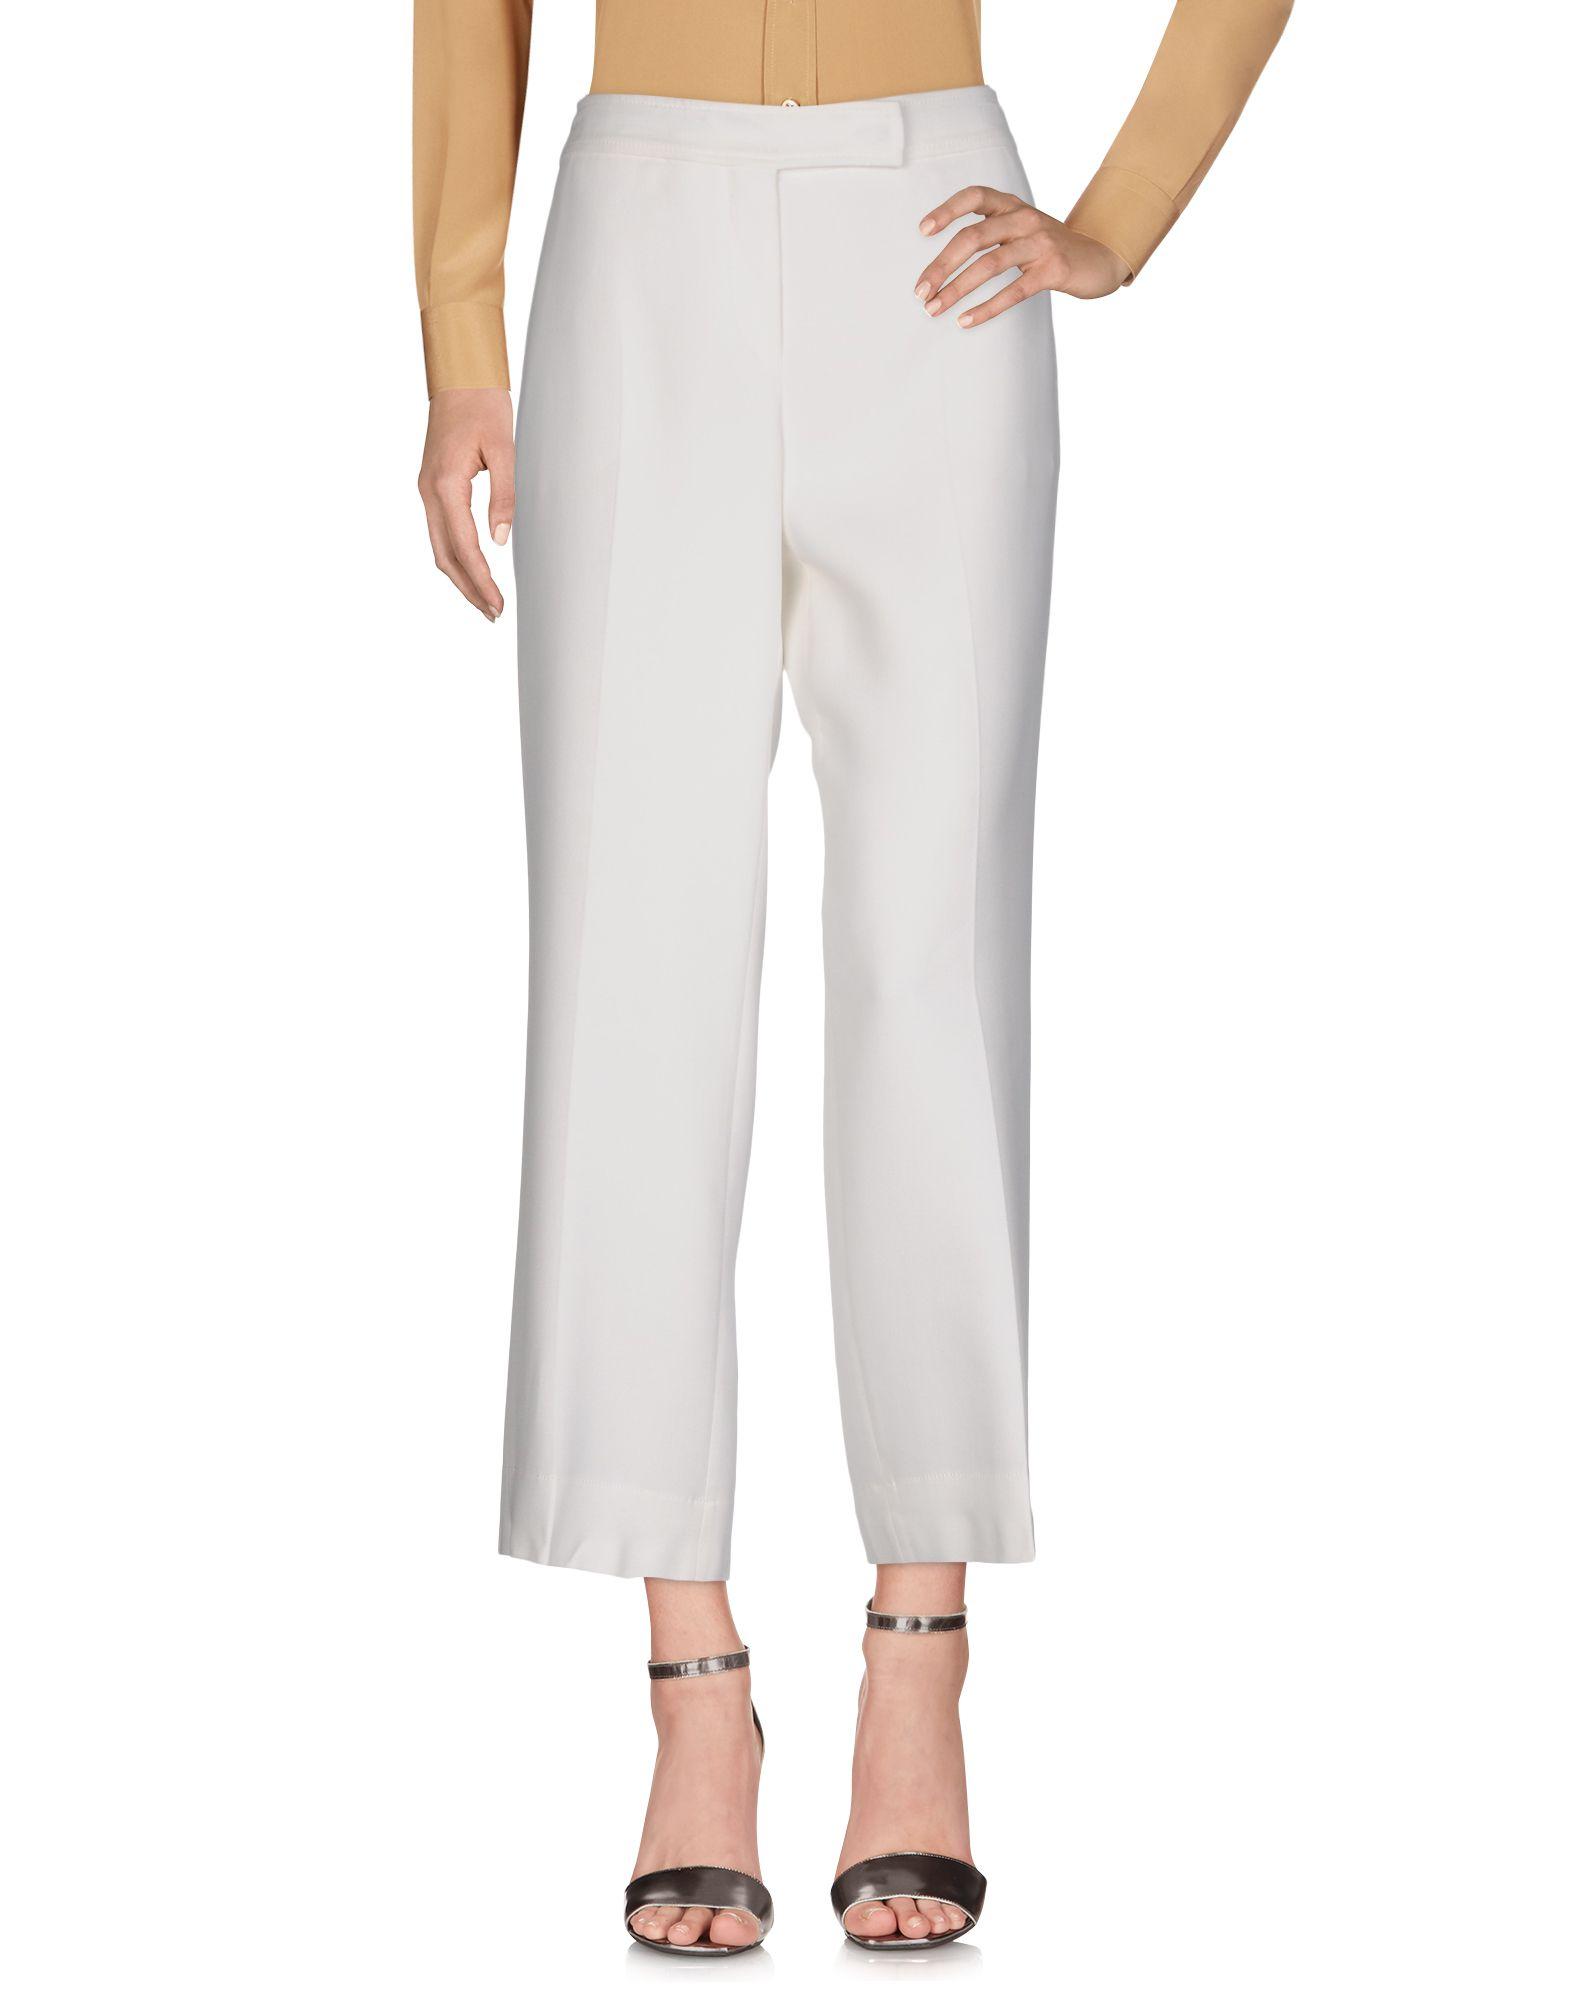 Pantalone Emilio Pucci Donna - Acquista online su RmZJzpQ